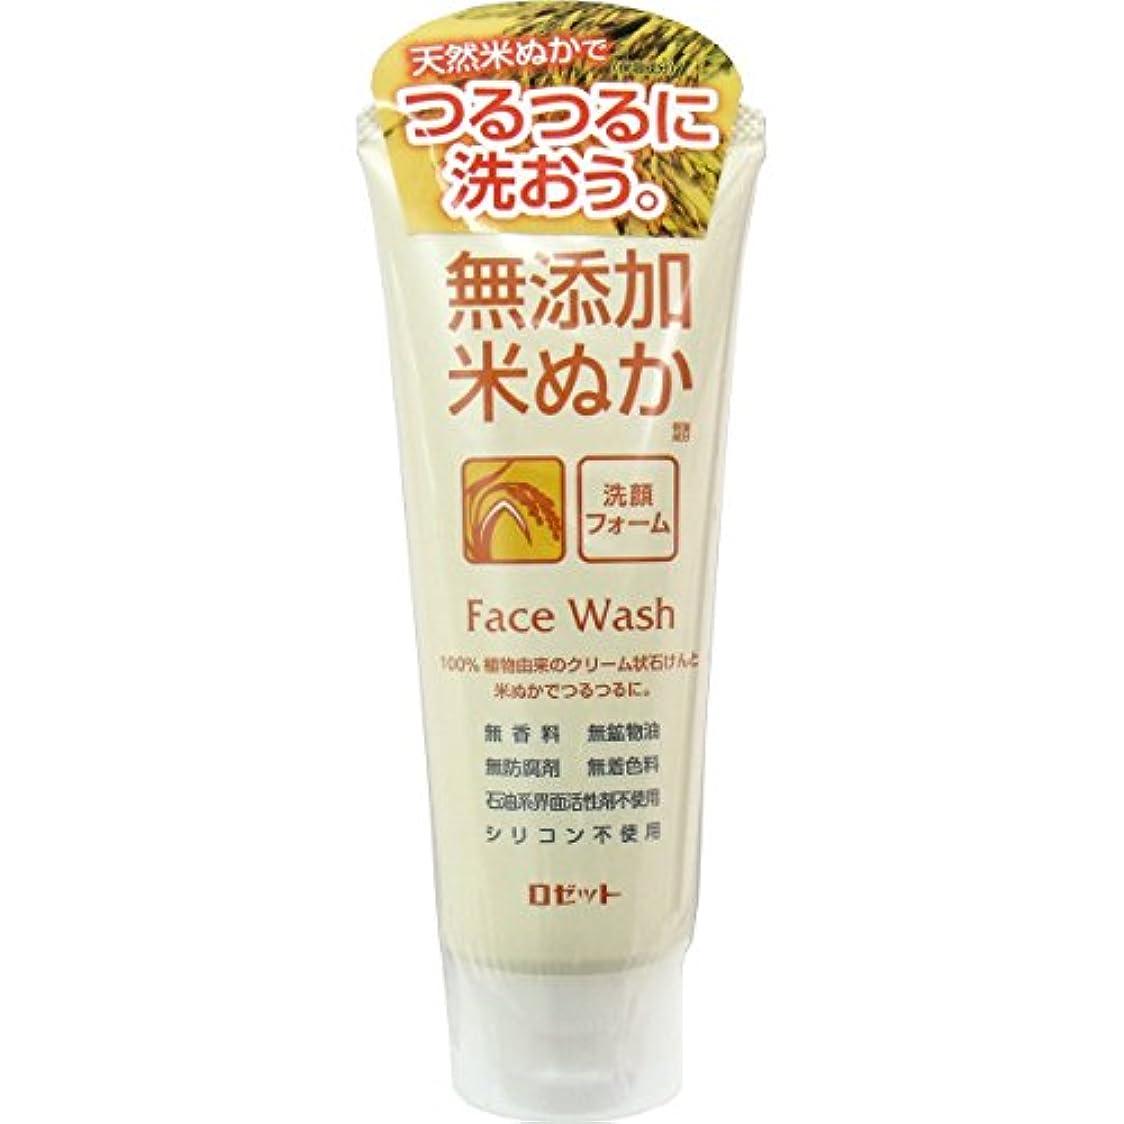 こだわり心配する復活する【ロゼット】無添加米ぬか洗顔フォーム 140g ×20個セット